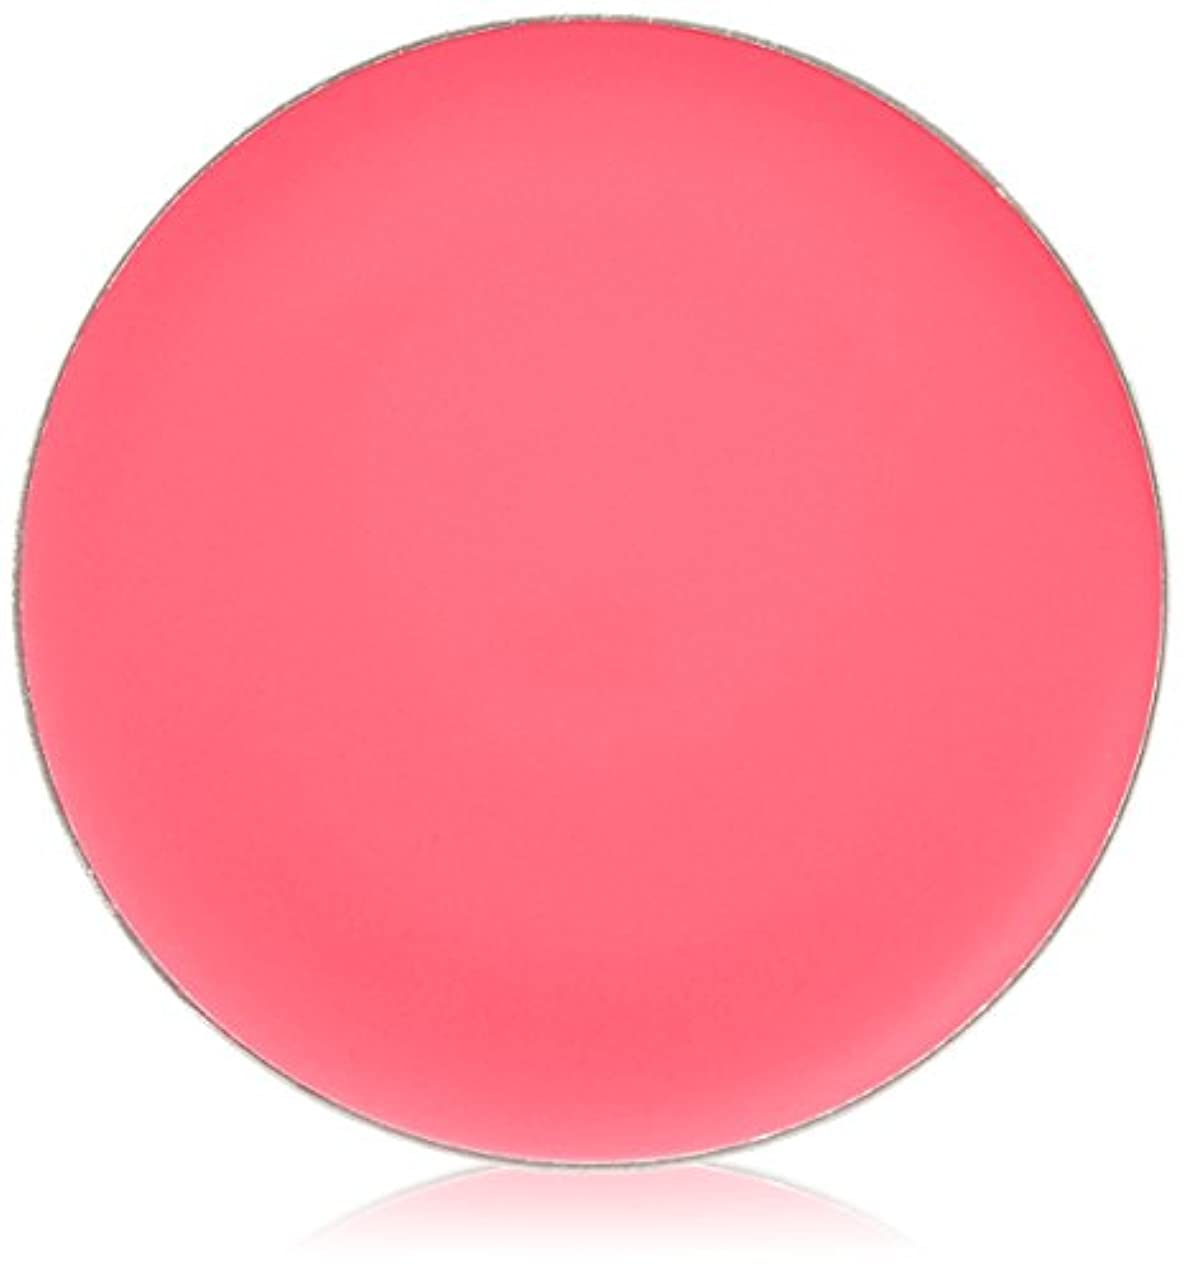 後打ち負かすインシデントキッカ フローレスグロウ フラッシュブラッシュ 02 パフピンク チーク